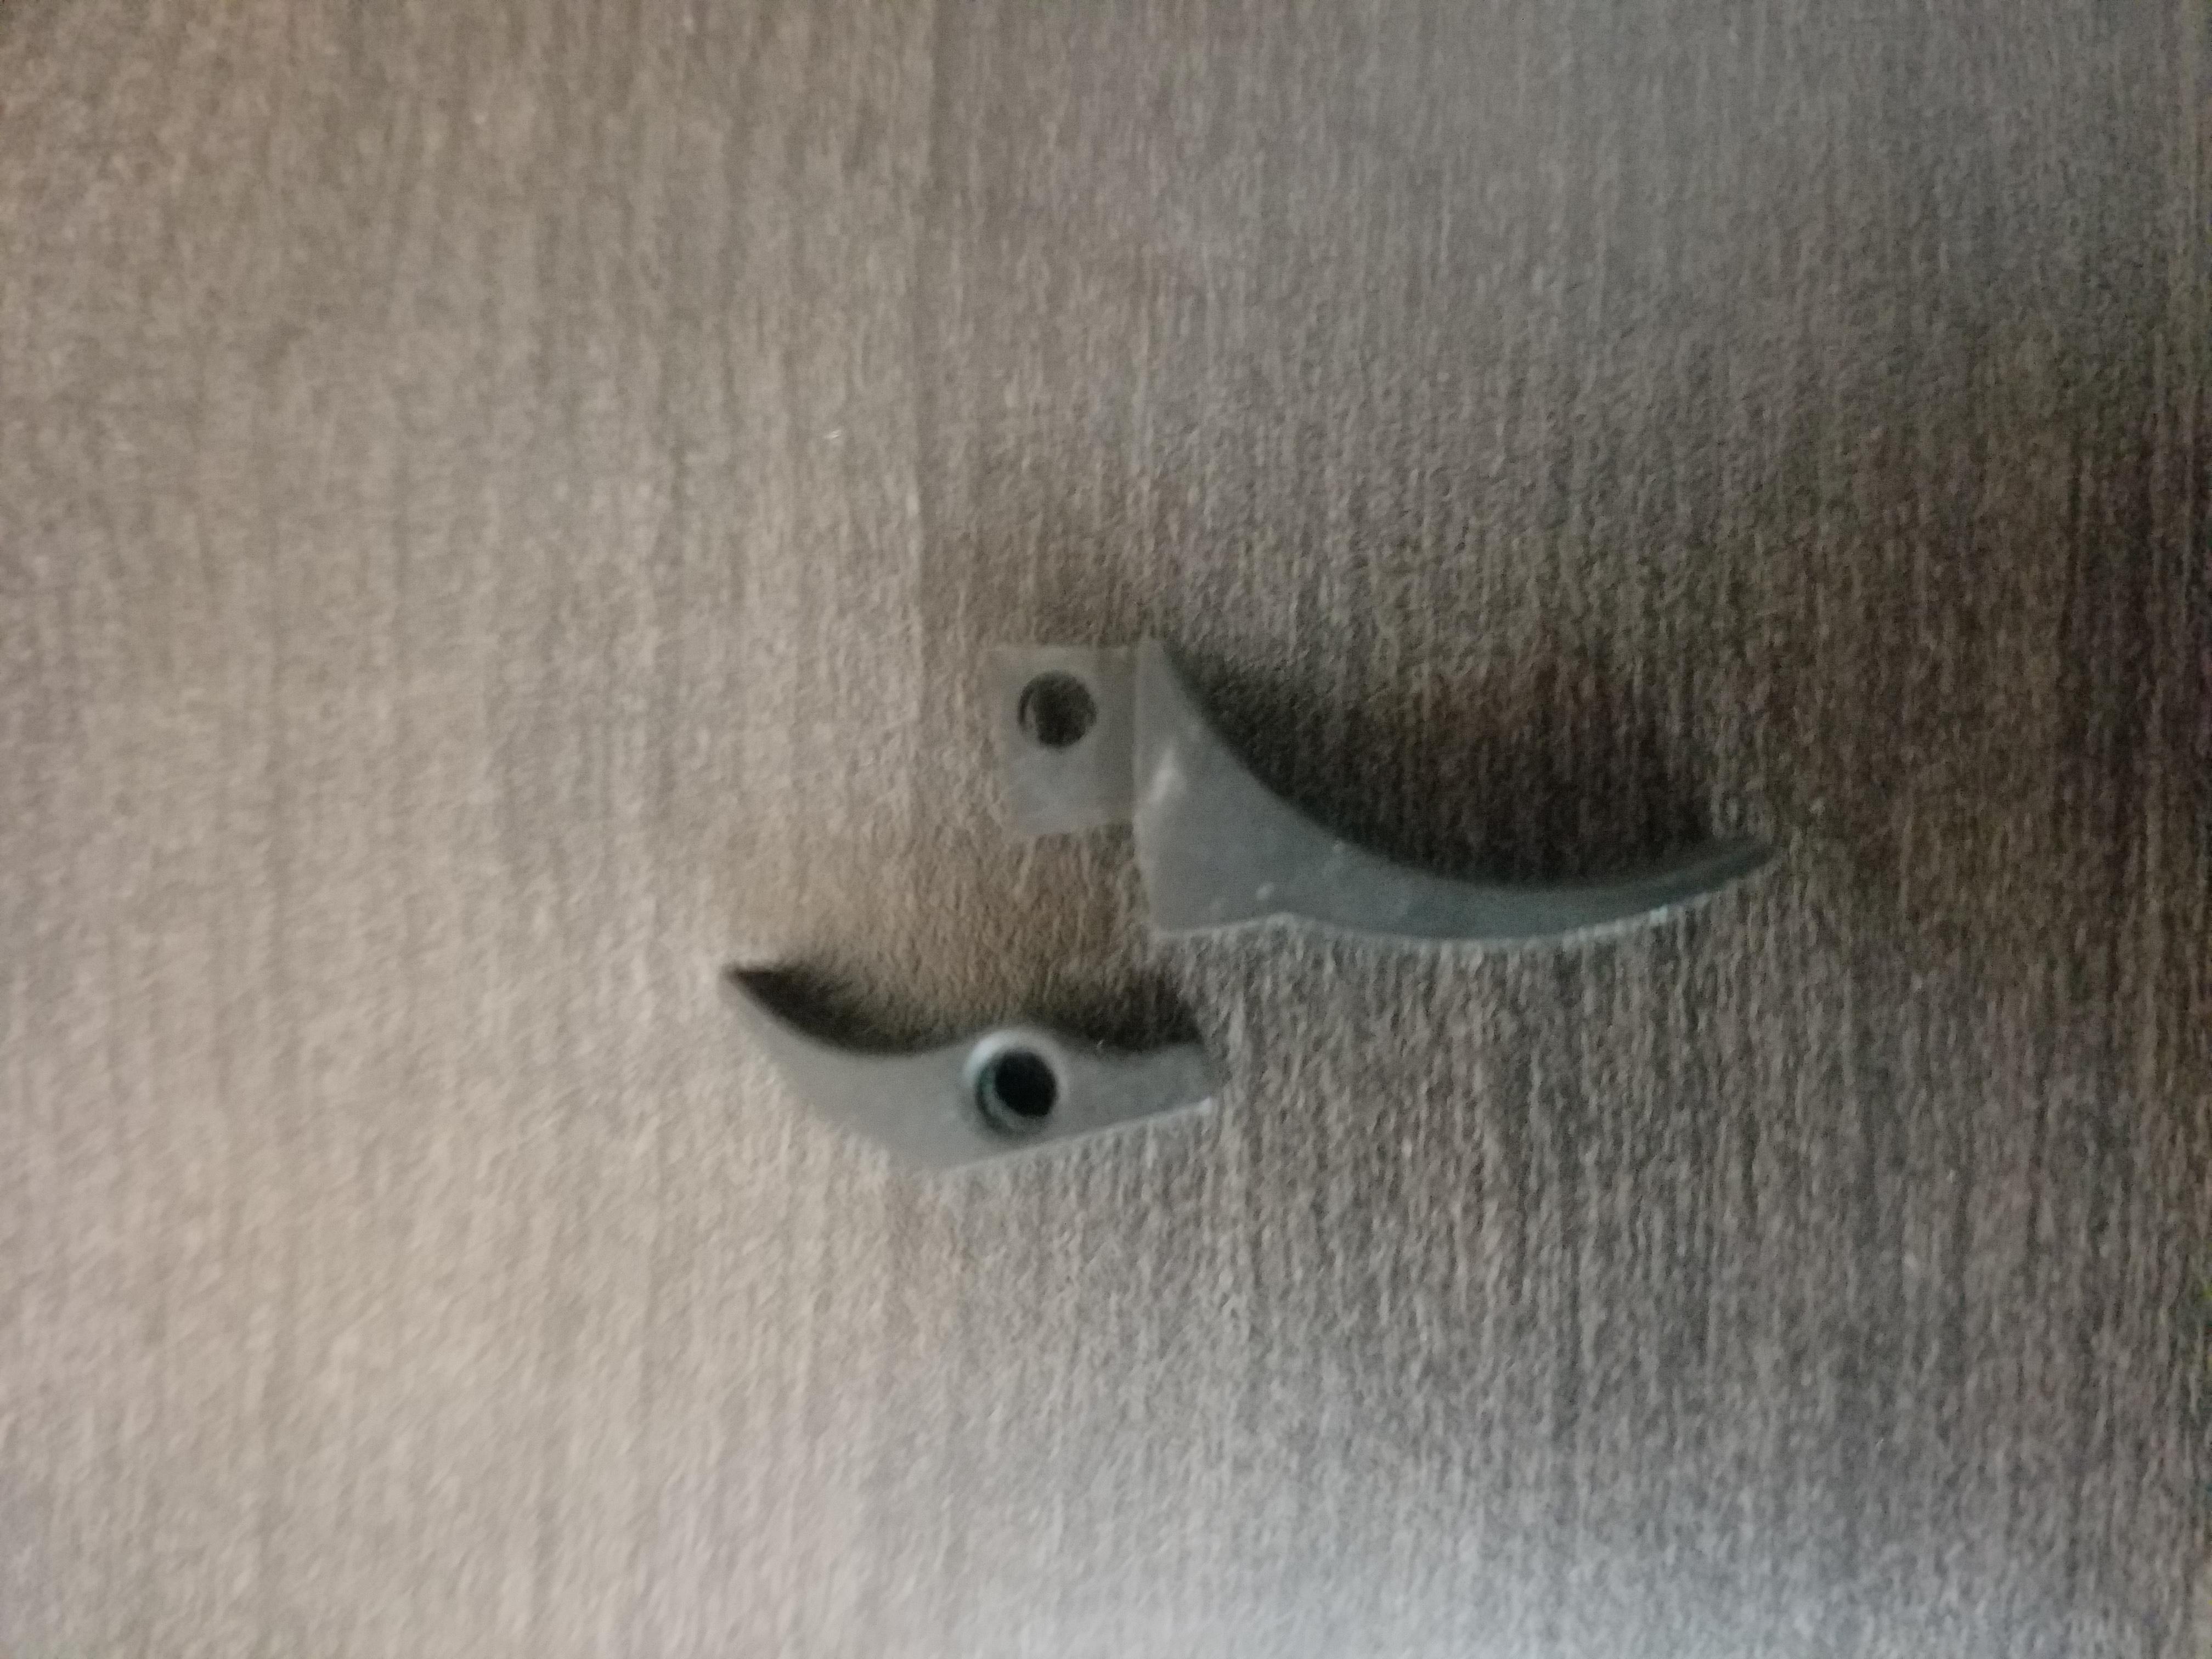 Marlin 336, 444, 1895 Trigger/Sear-20180811_221530.jpg